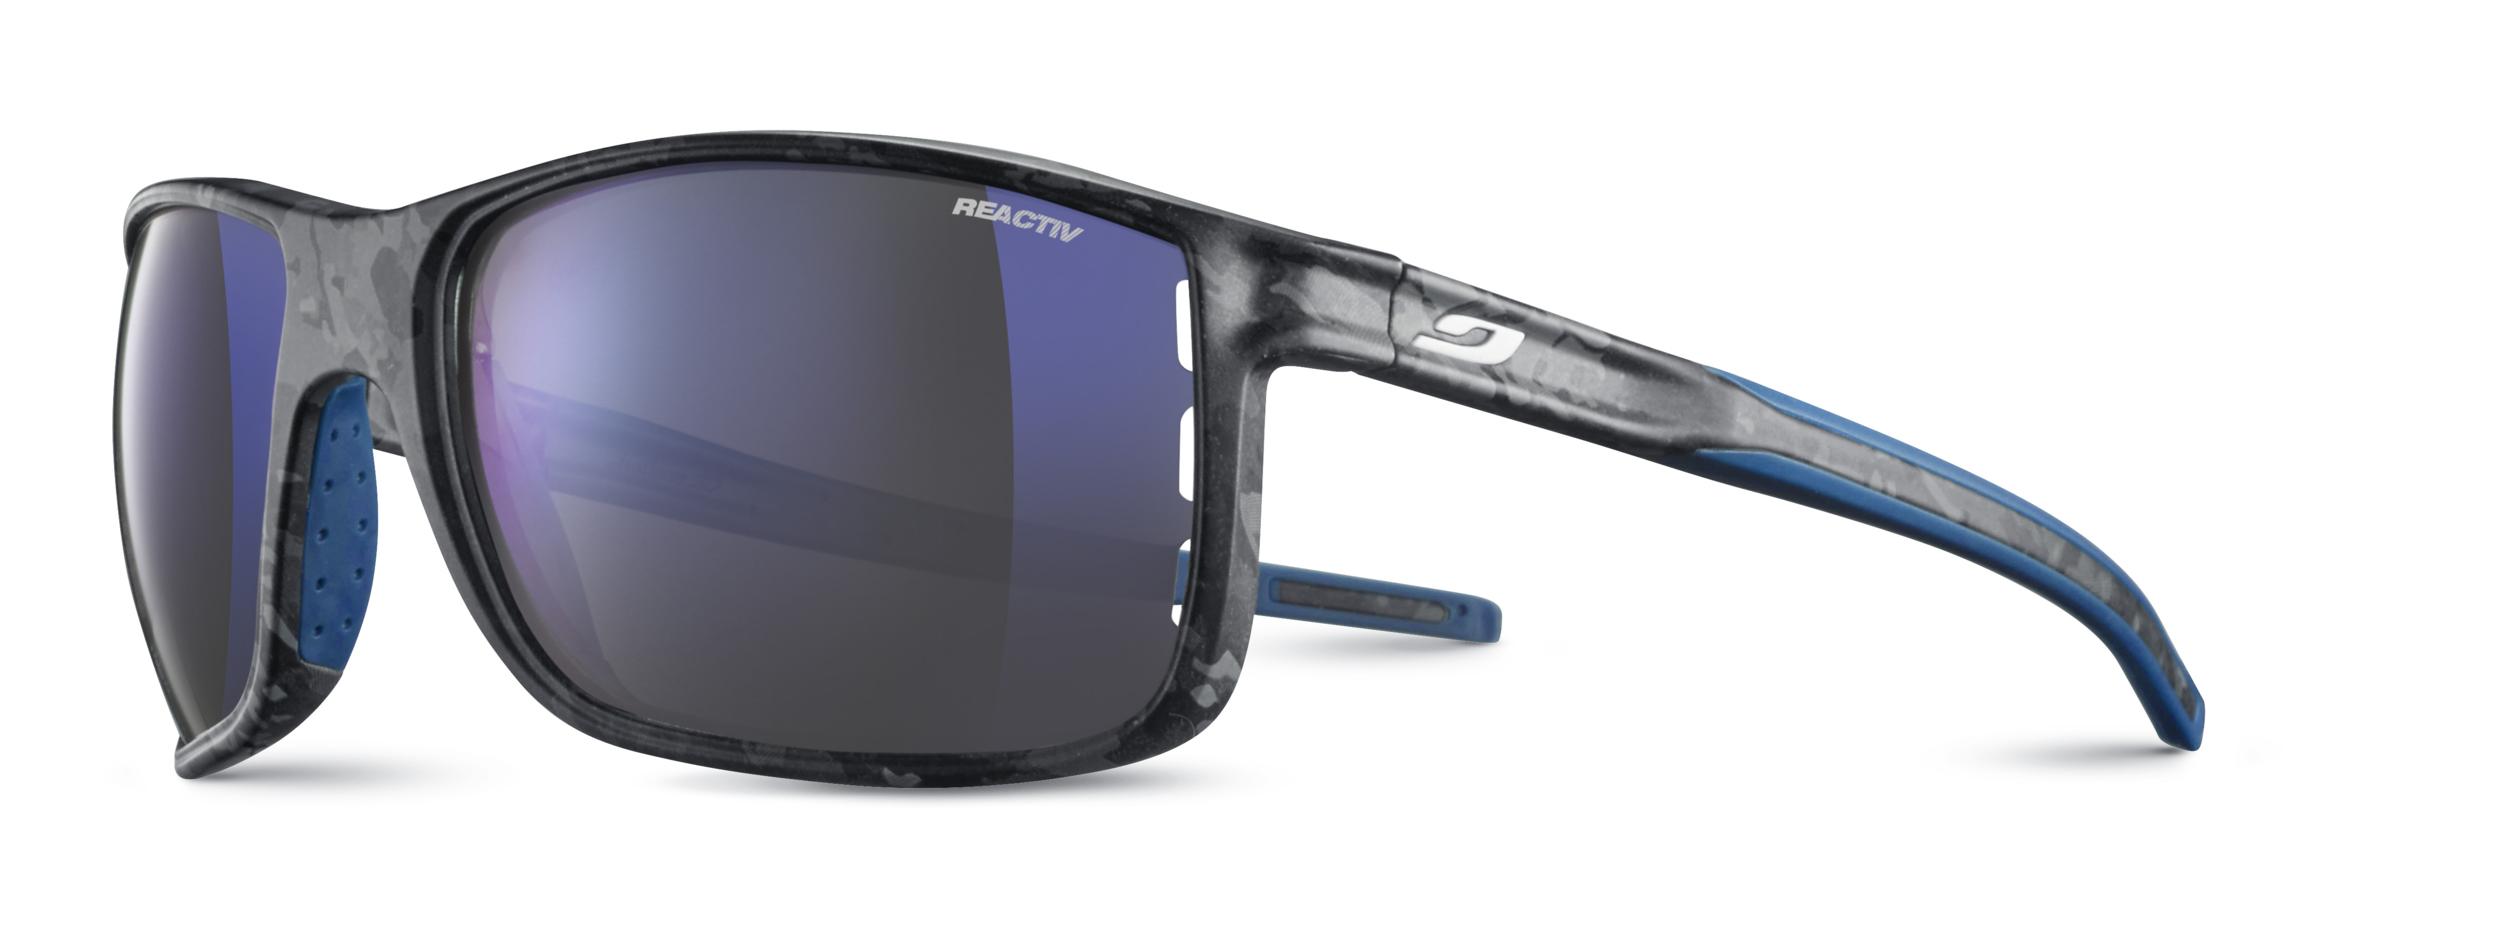 216ec78b079ac Recherche par Verres Julbo - Julbo Sport - Cat.3 - hyper-lunettes-sport